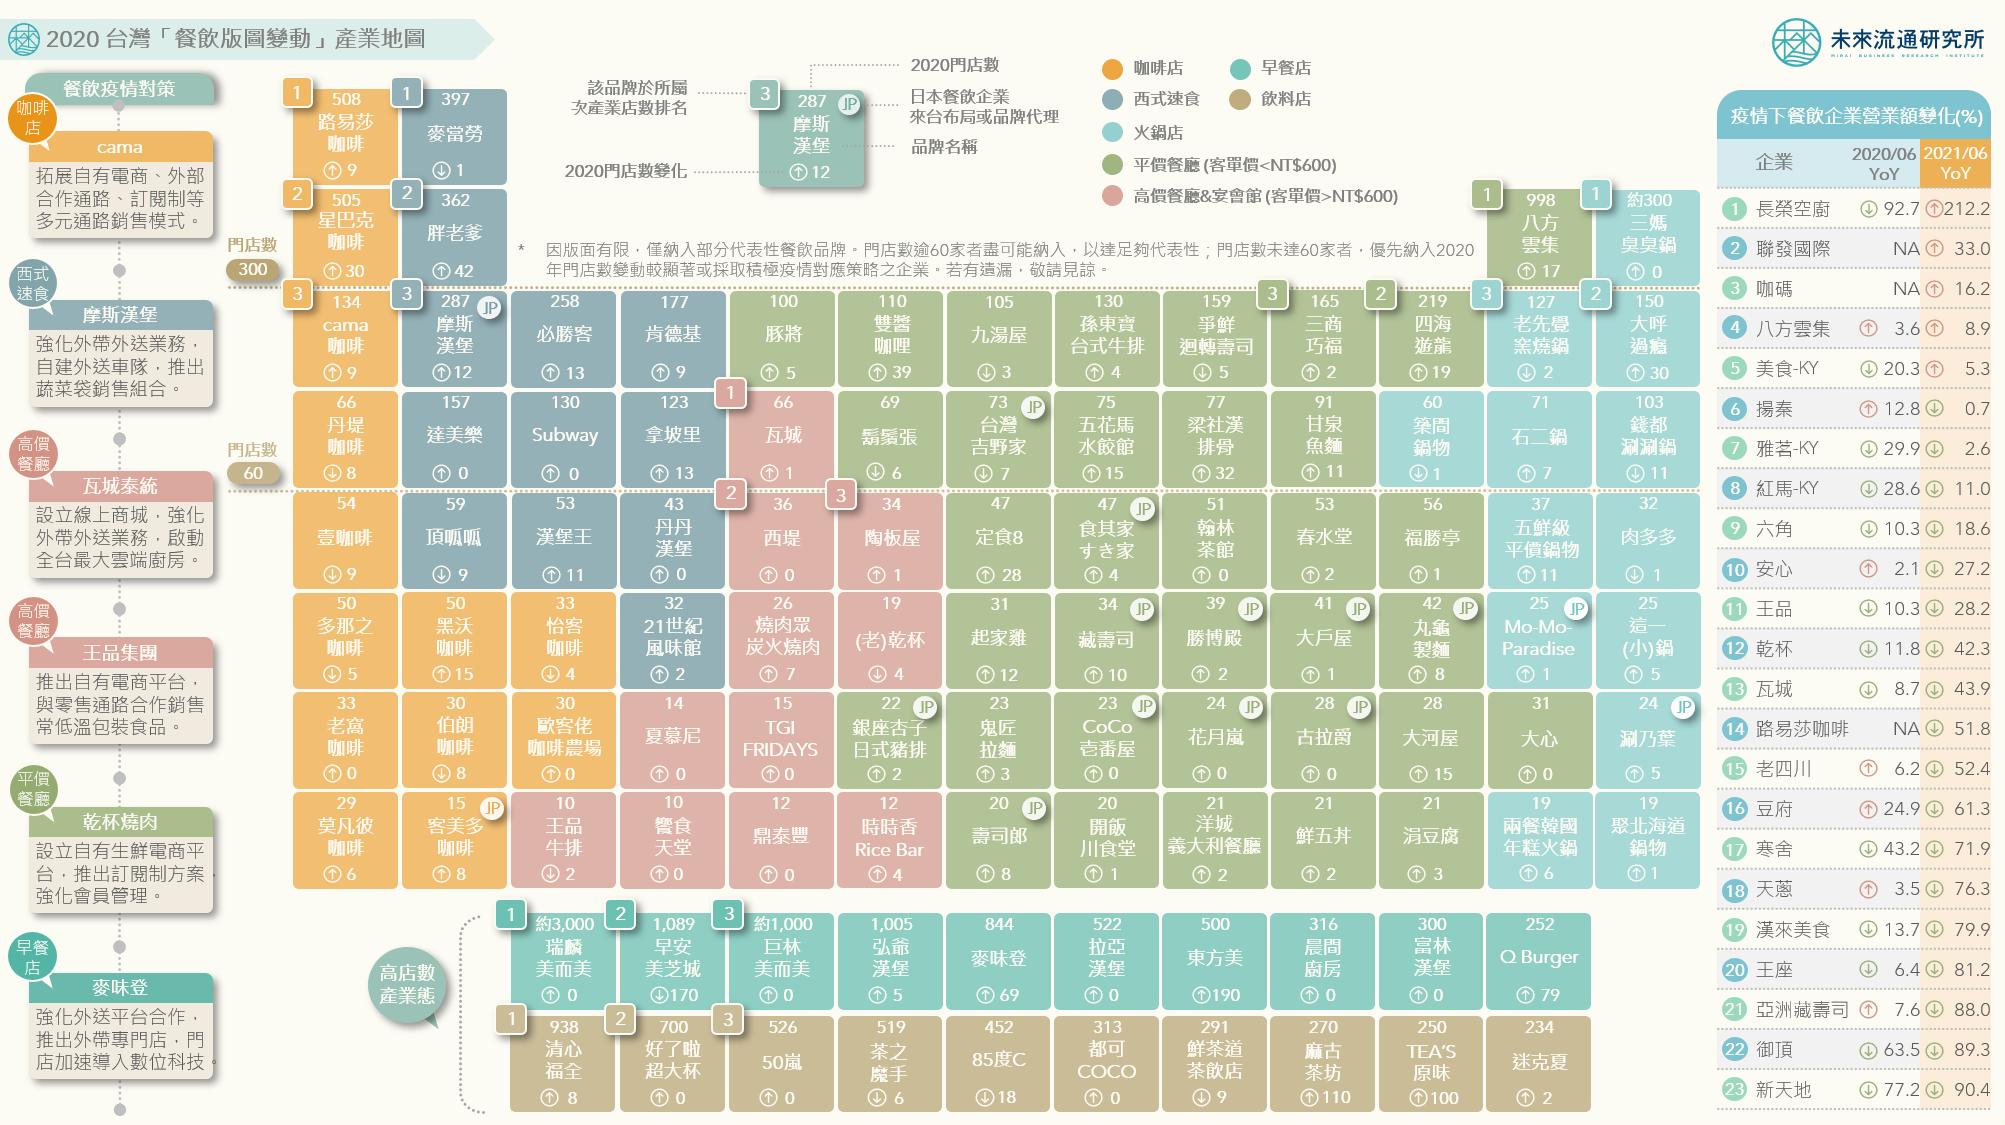 2021【產業地圖圖解】2020台灣「餐飲版圖變動」產業地圖